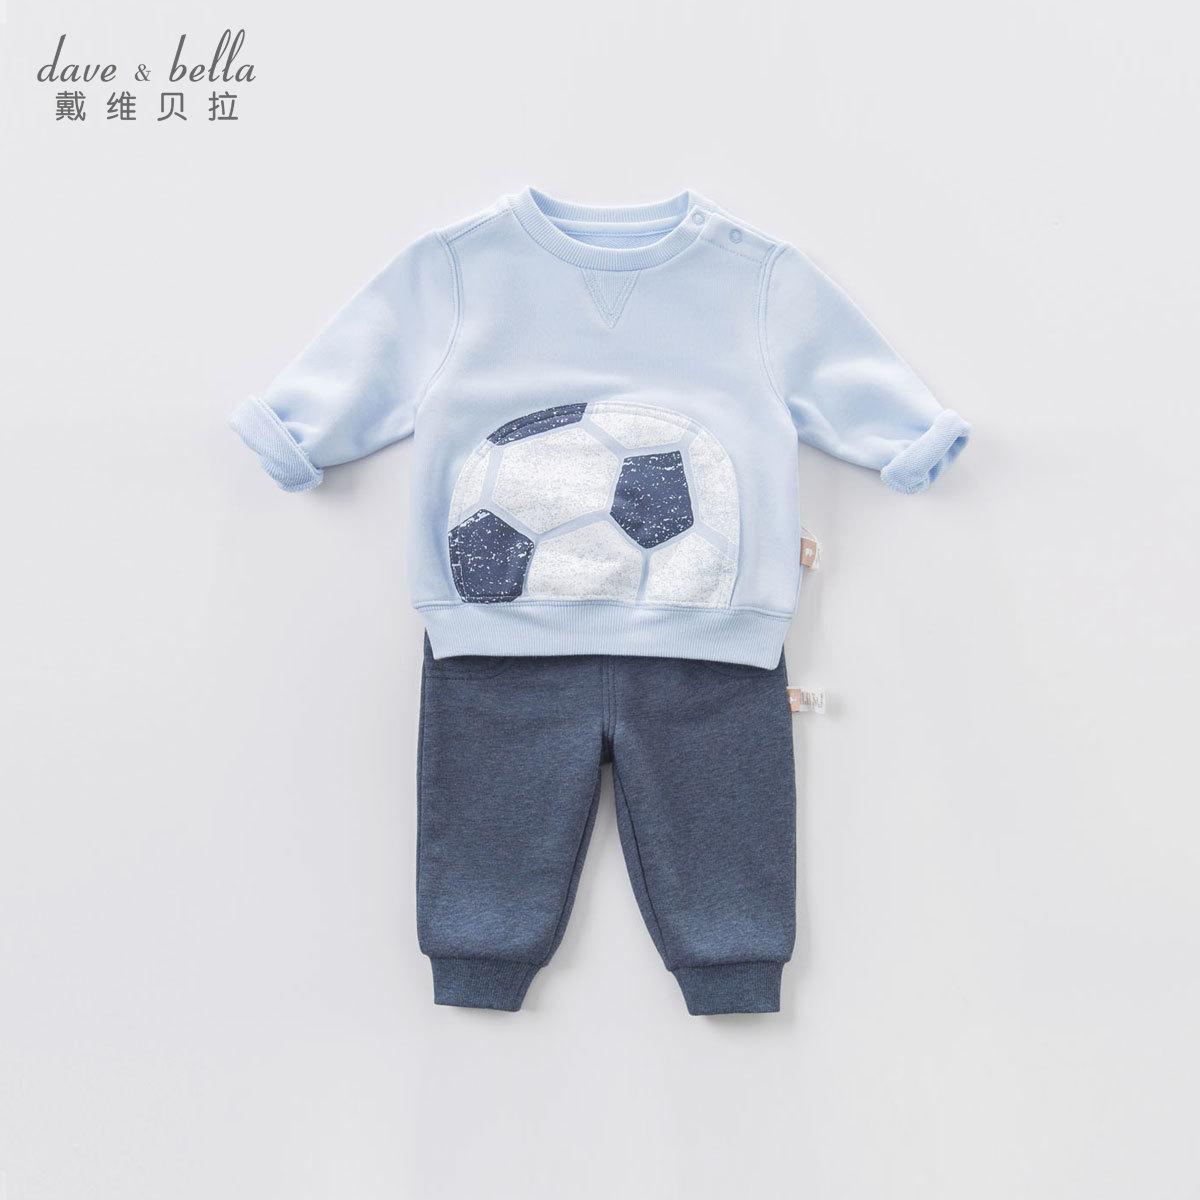 [淘寶網] davebella戴維貝拉2018春裝新款男童套裝 寶寶休閒套裝DB7201